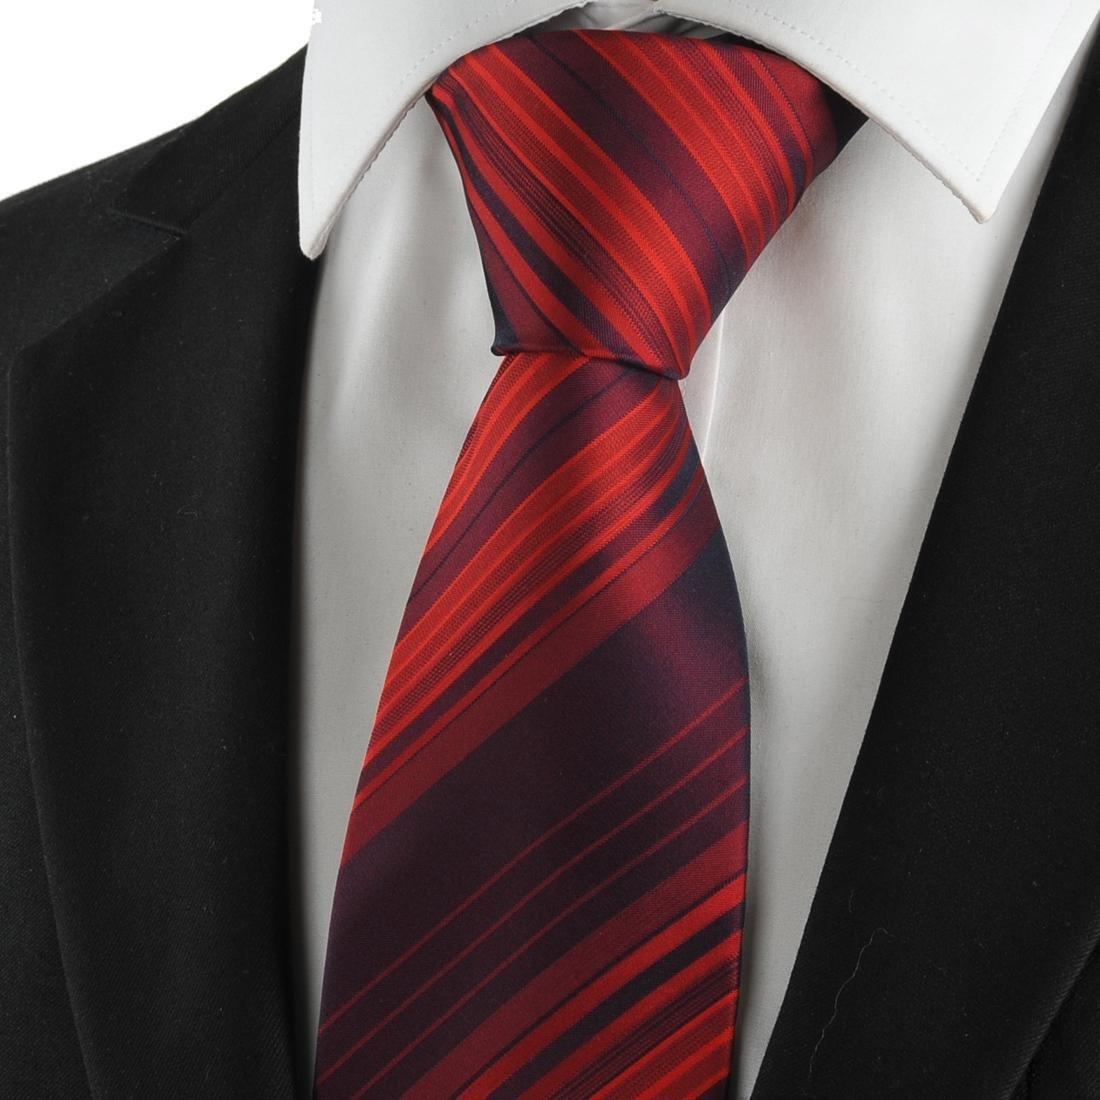 Nuevo diseño de rayas burdeos rojo para hombre traje de corbata ...